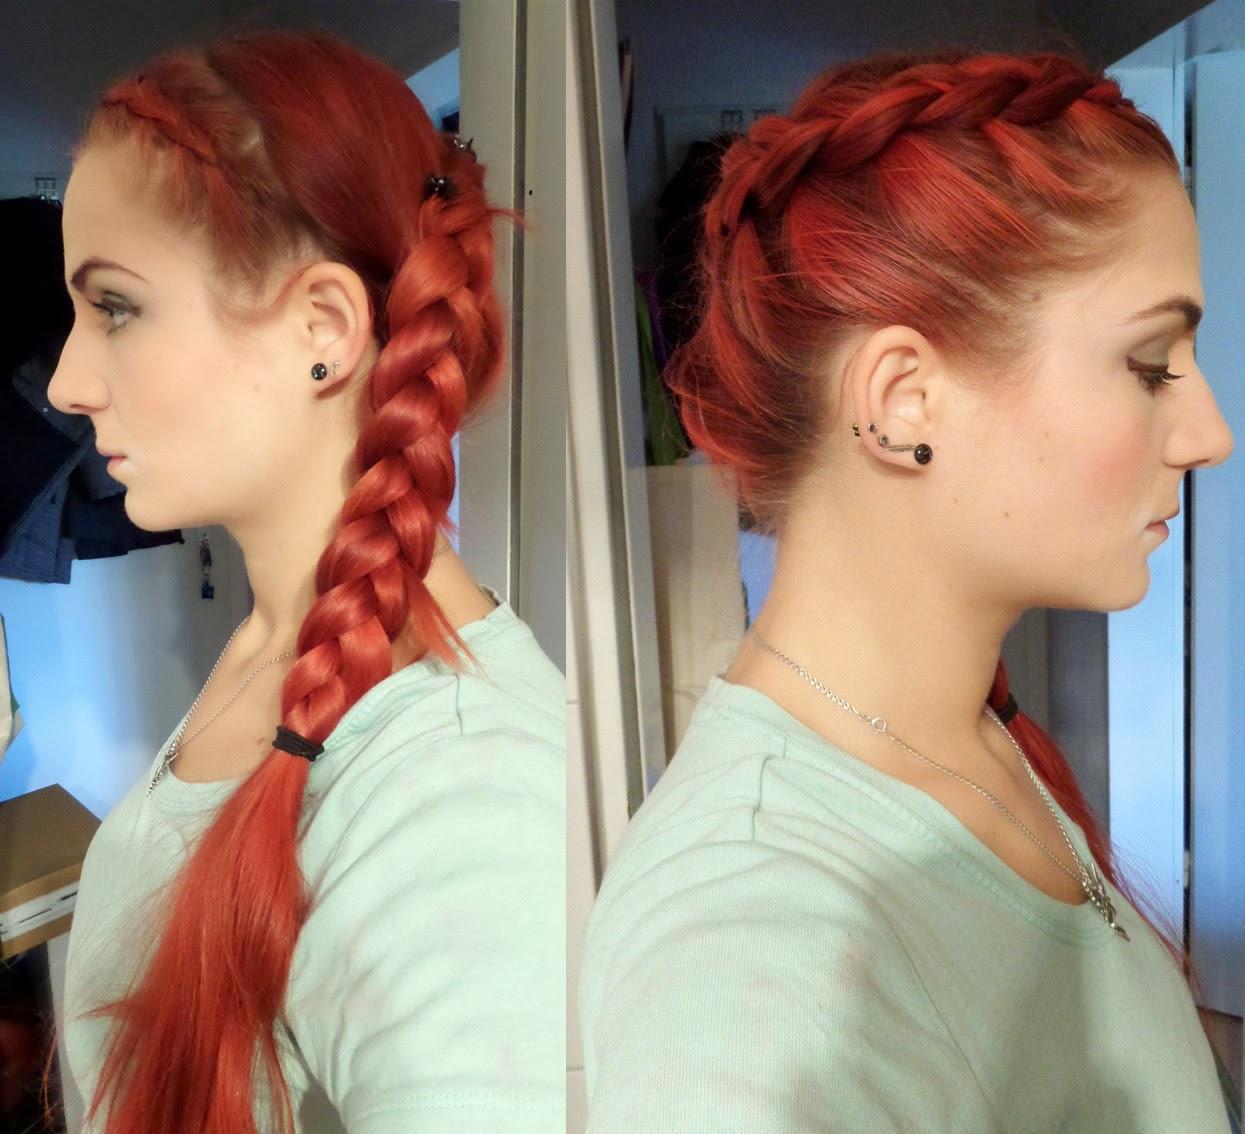 [Mädchenkram] Haare - Sonntagsfrisur #6